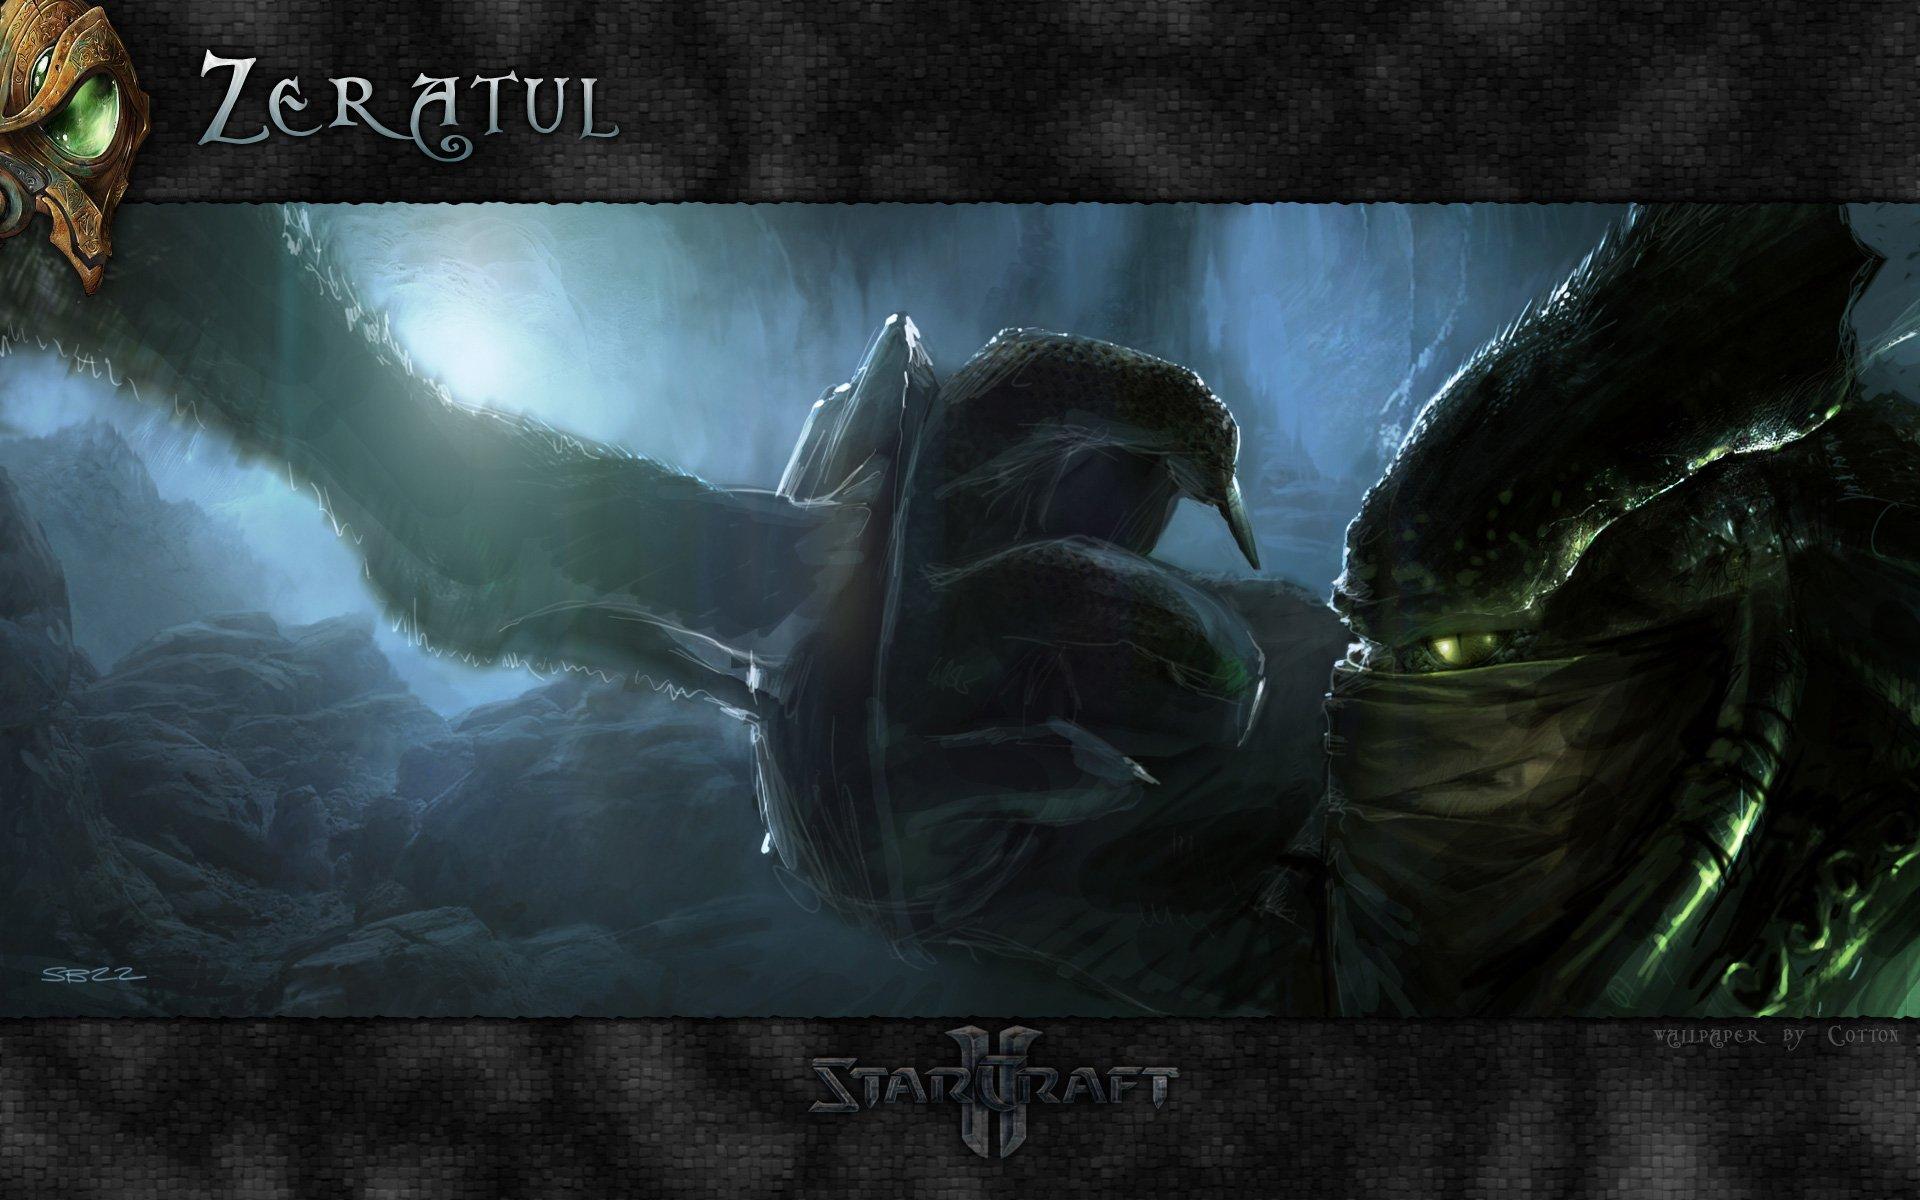 Zeratul War Starcraft Wallpaper Top Starcraft Wallpapers